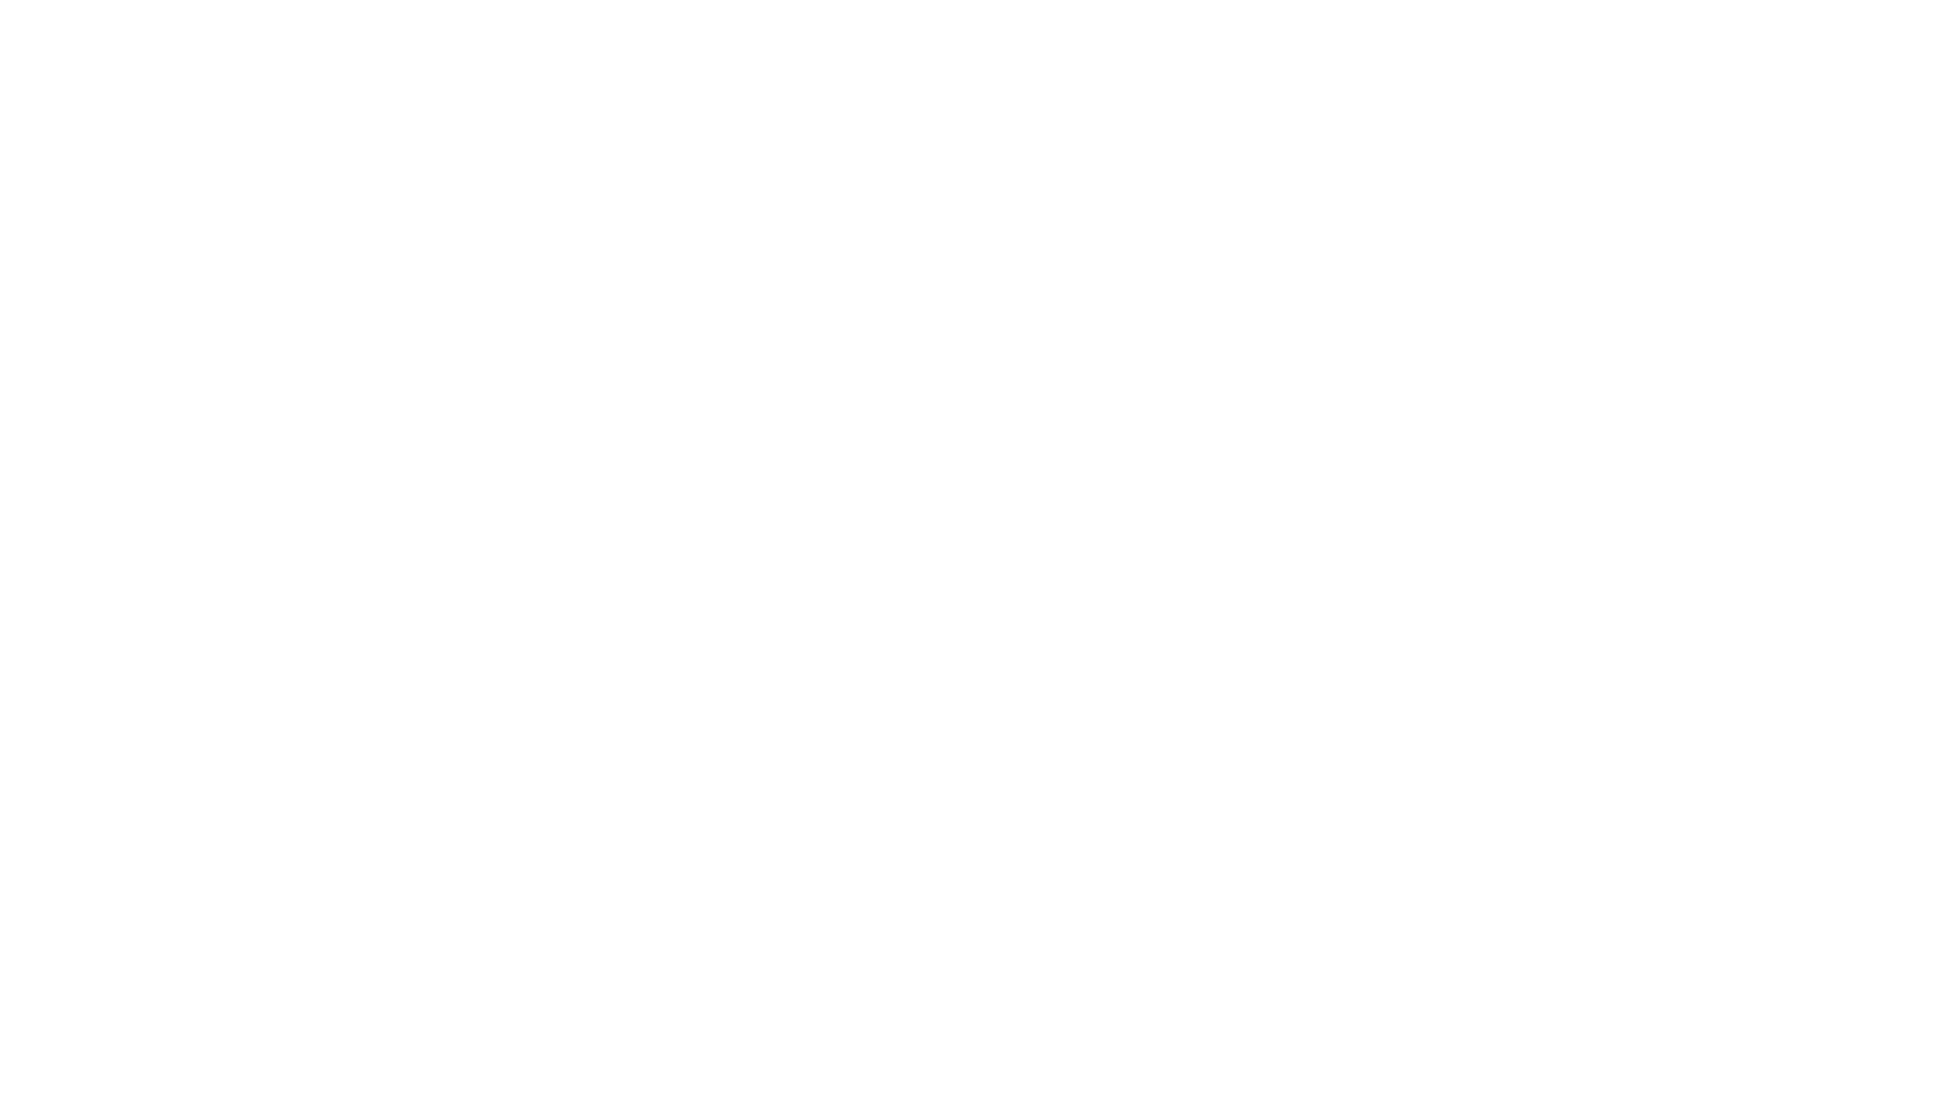 VI-logo-white